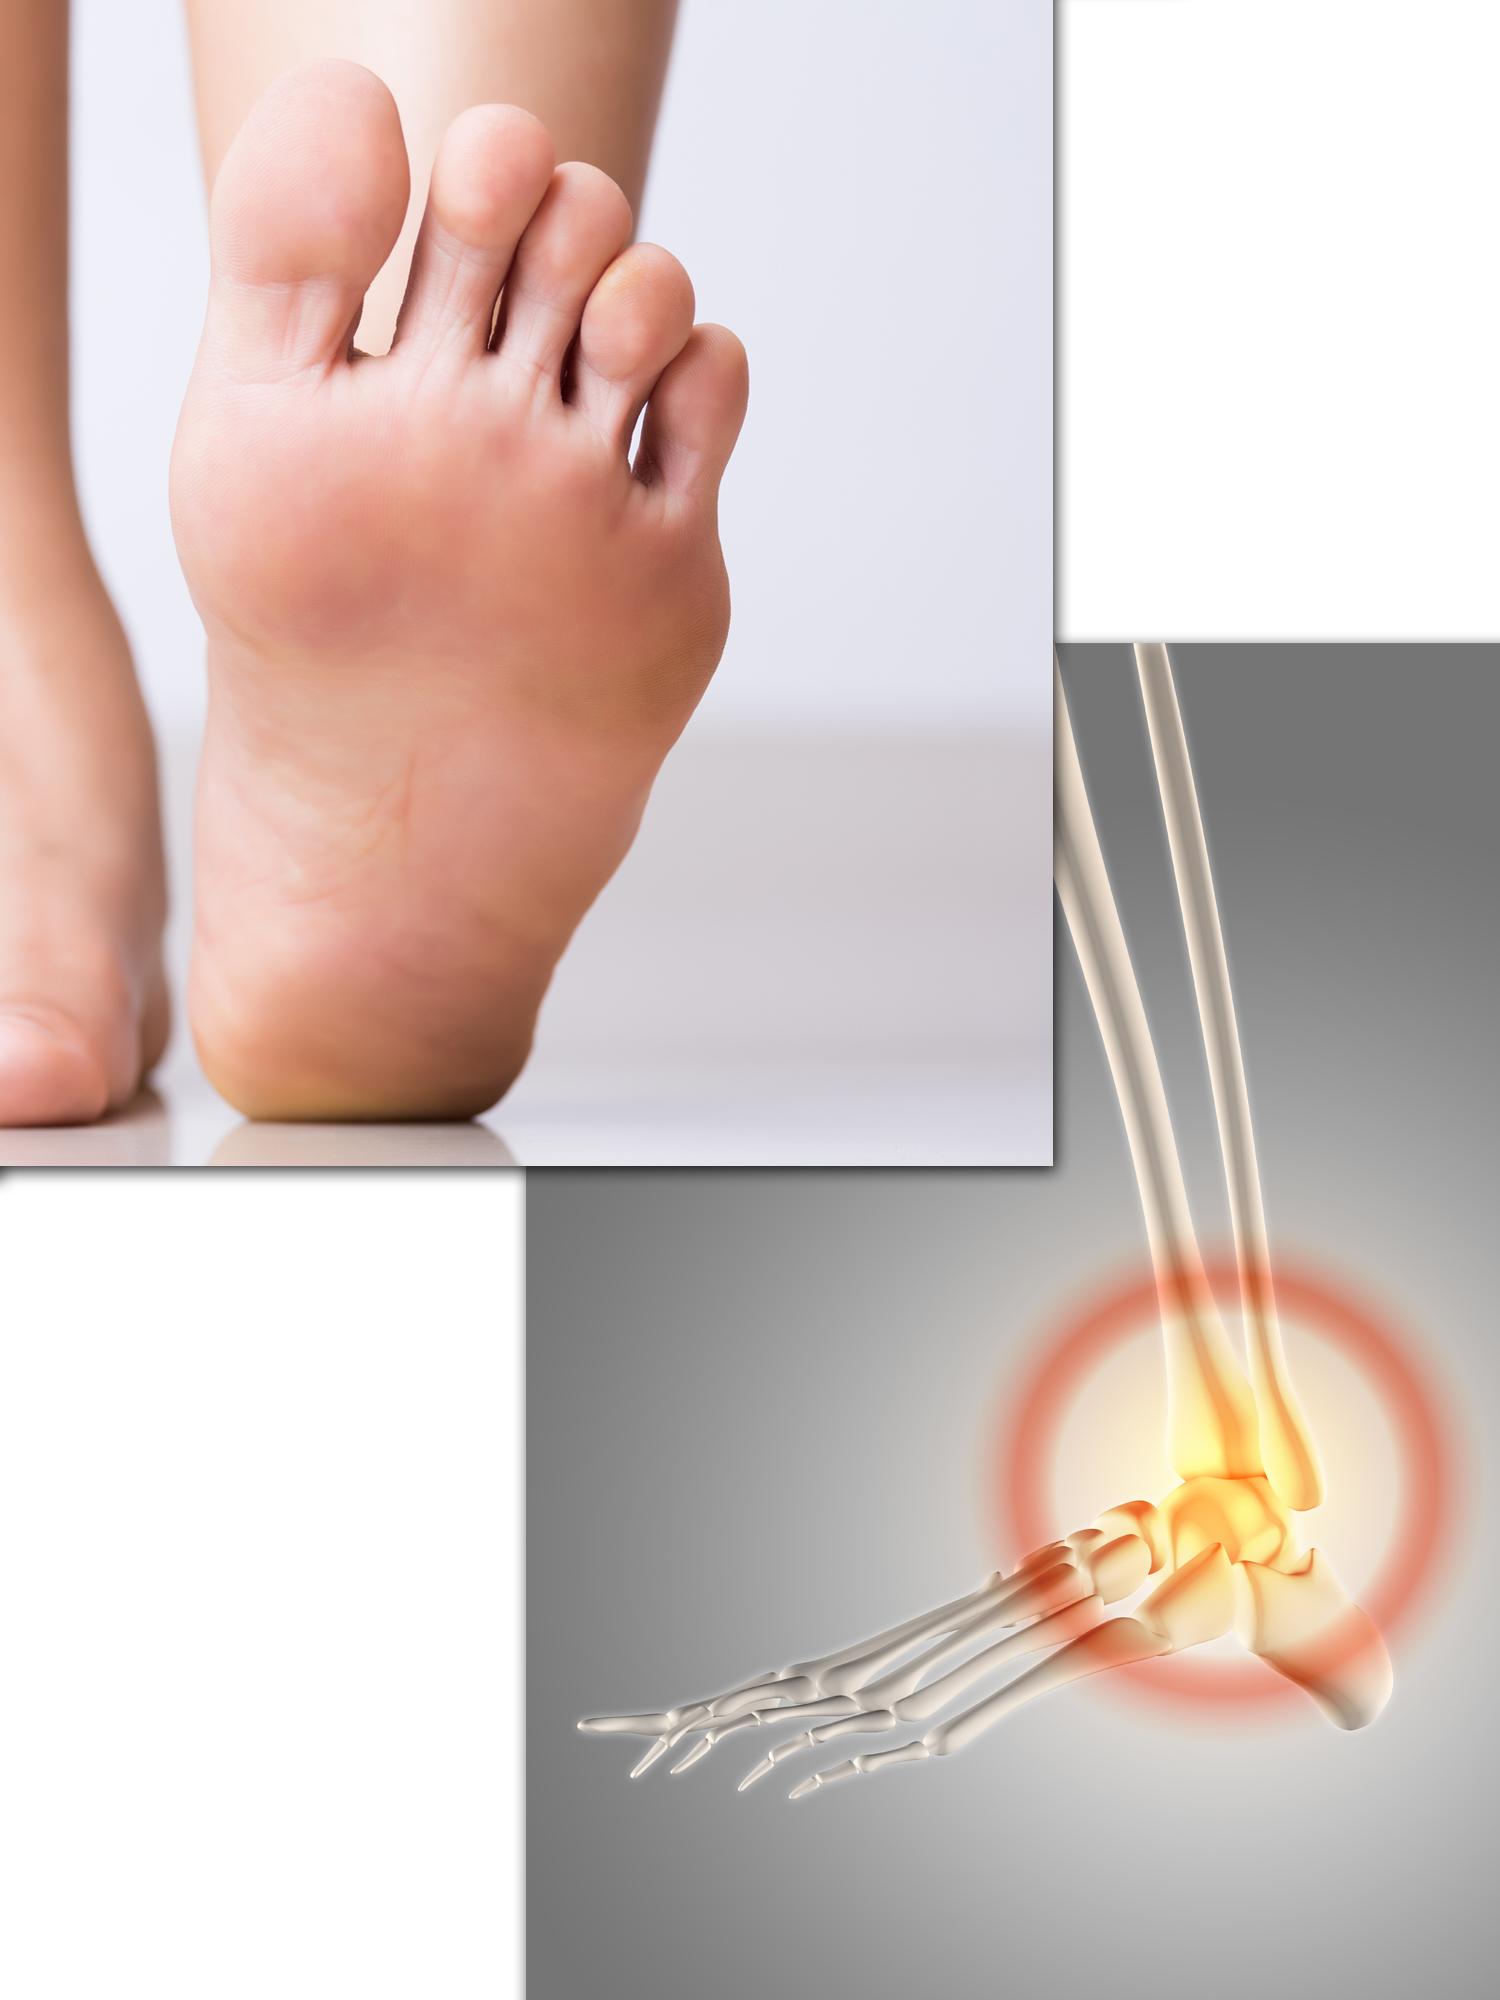 Chirurgo Ortopedico Roma, Specialista piede e Caviglia, Pubblicazioni Scientifiche e Ricerca